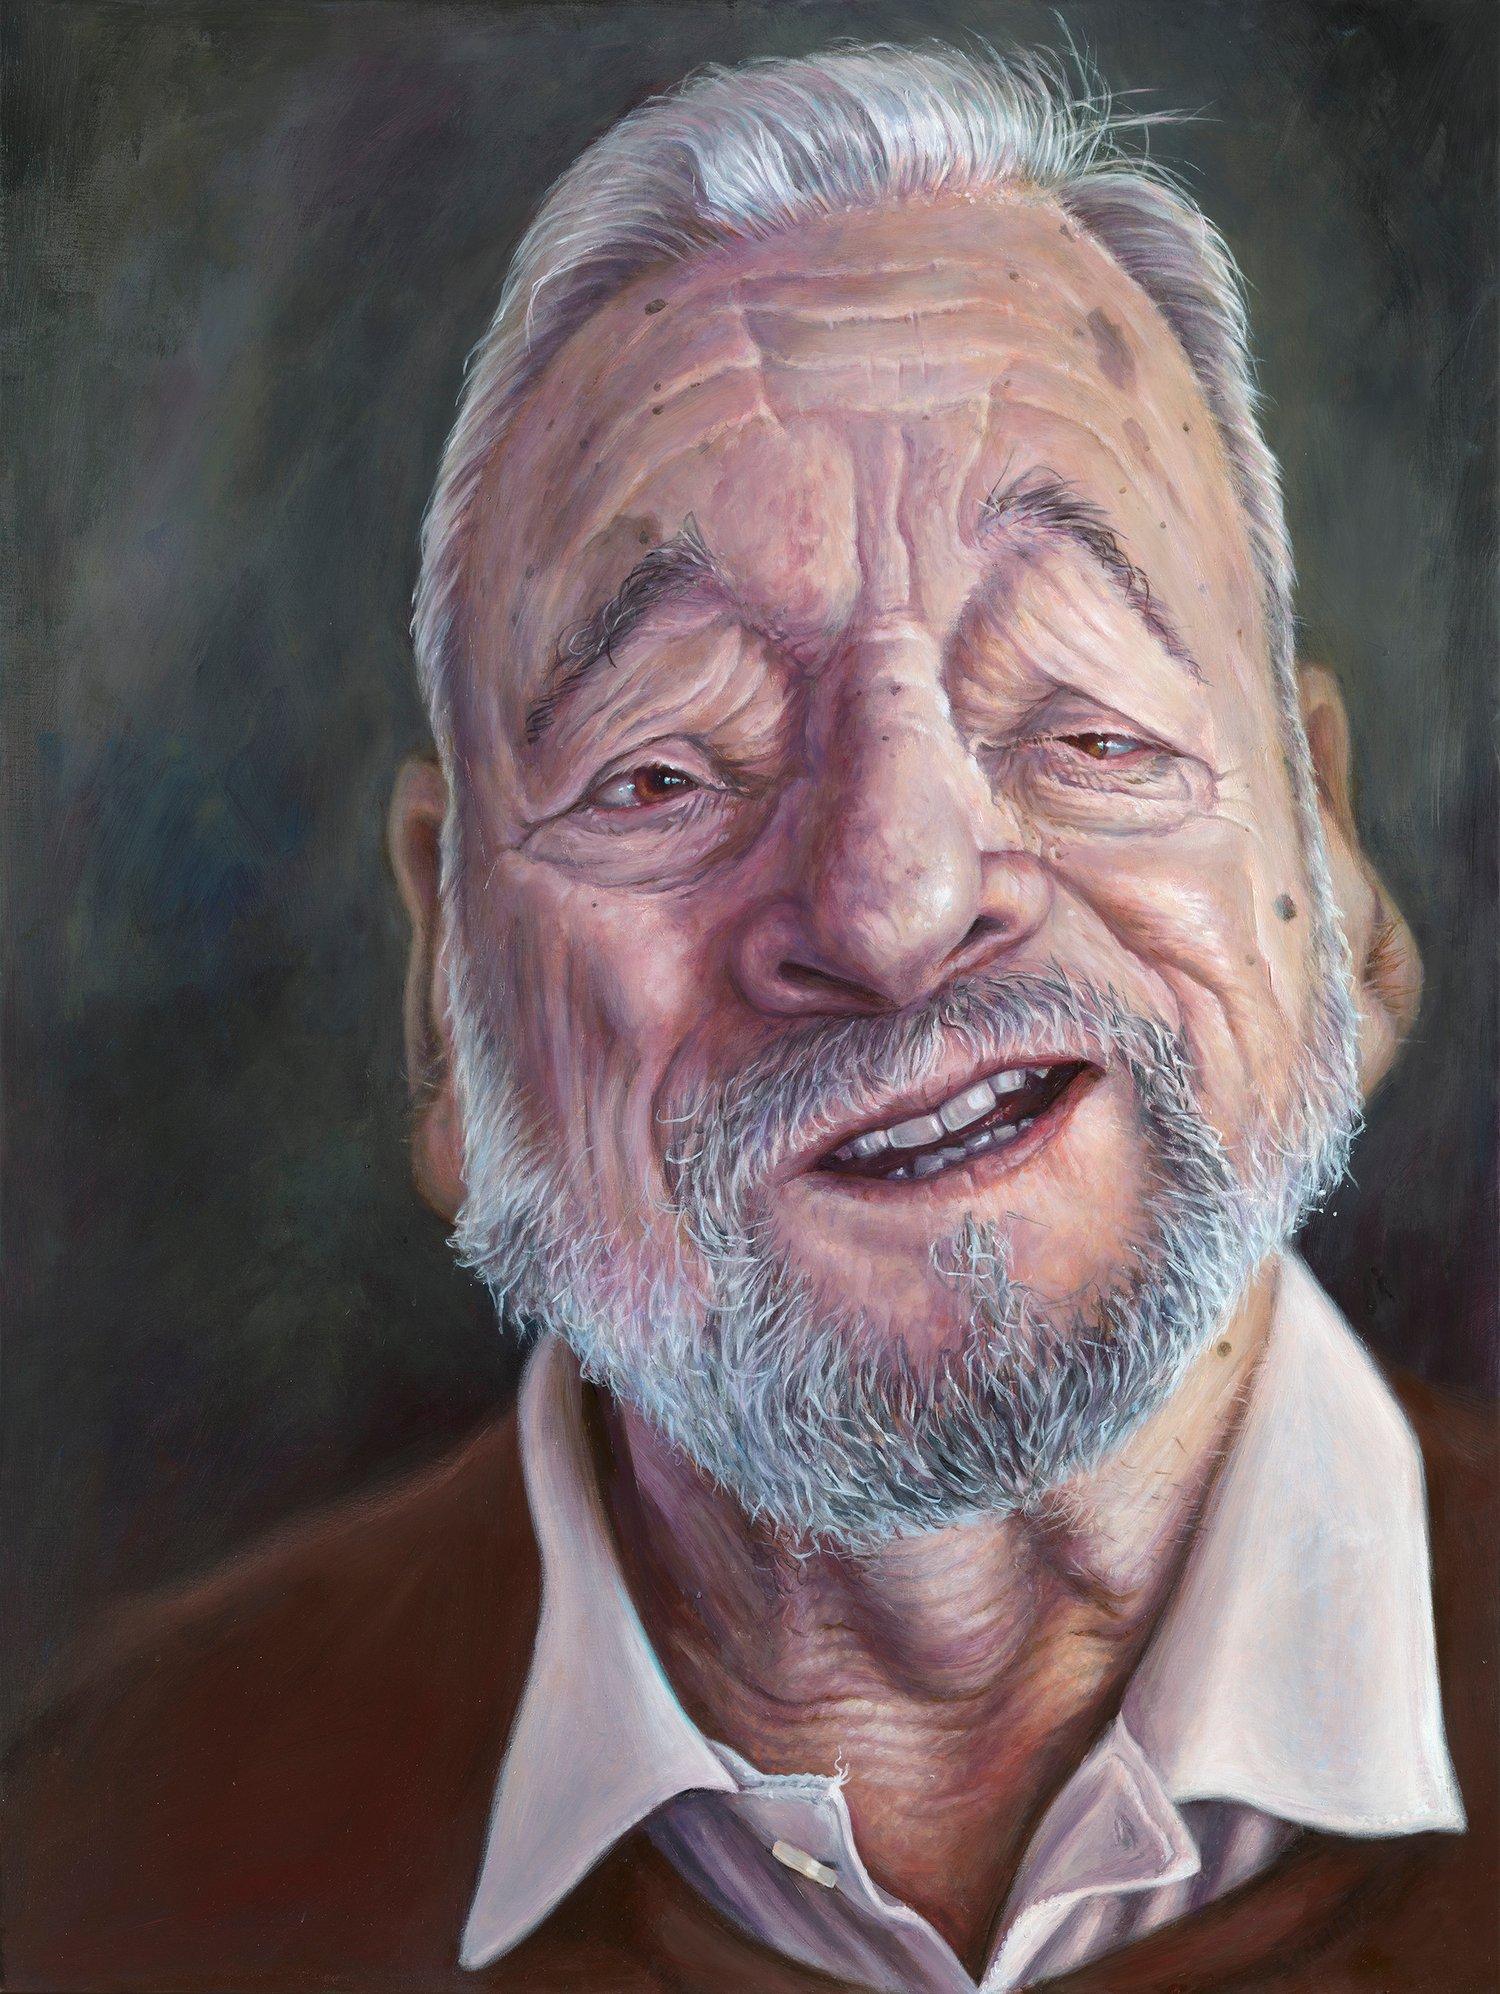 Image of Stephen Sondheim